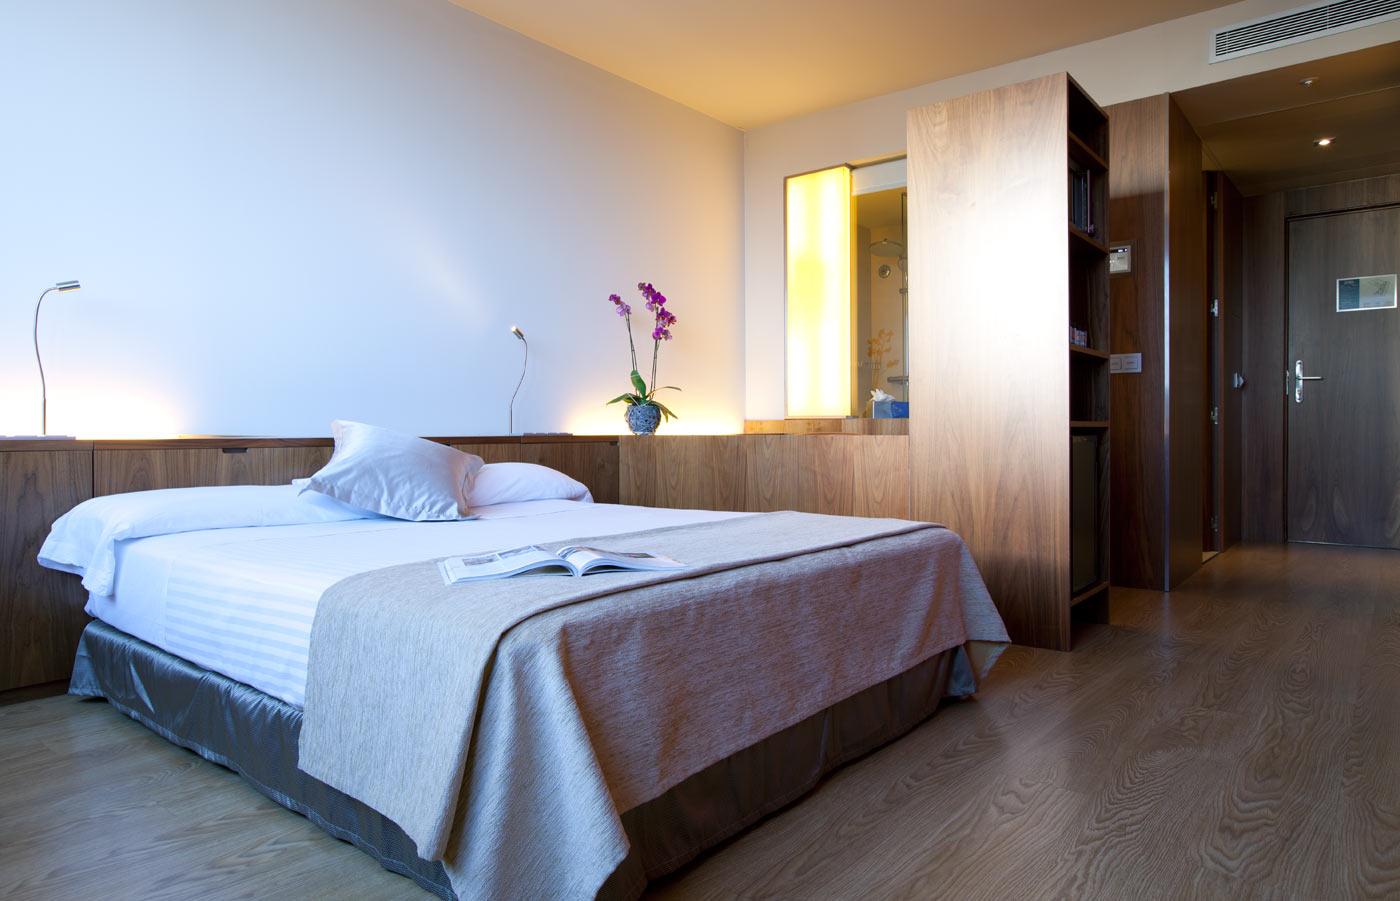 Chambre familial barcelone h tel diagonal zero - Hotel chambre familiale barcelone ...